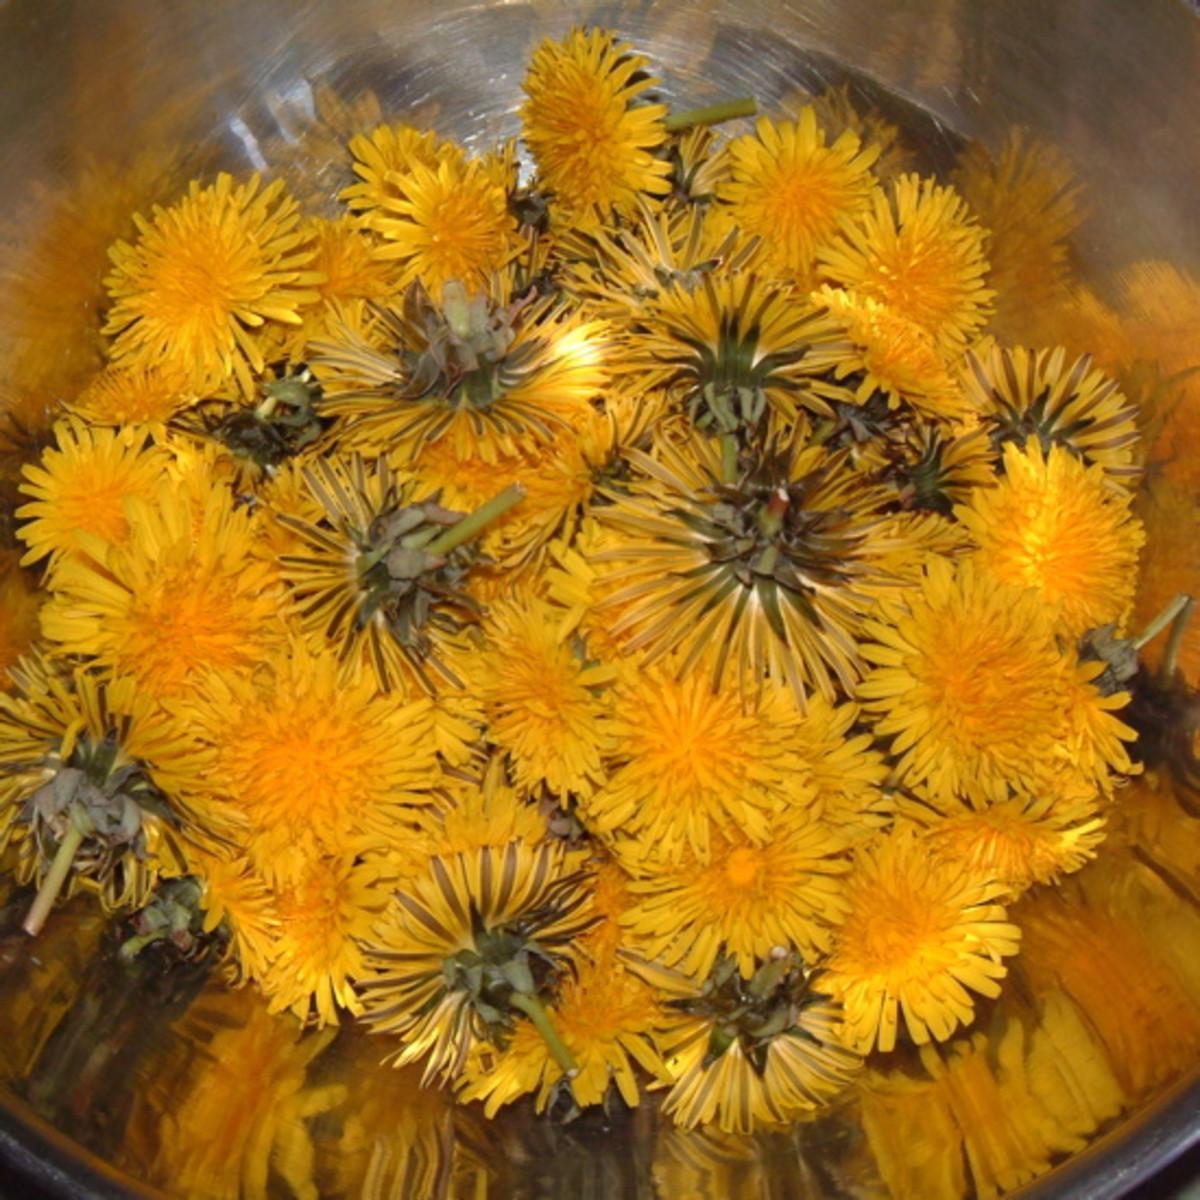 Freshly-picked dandelions